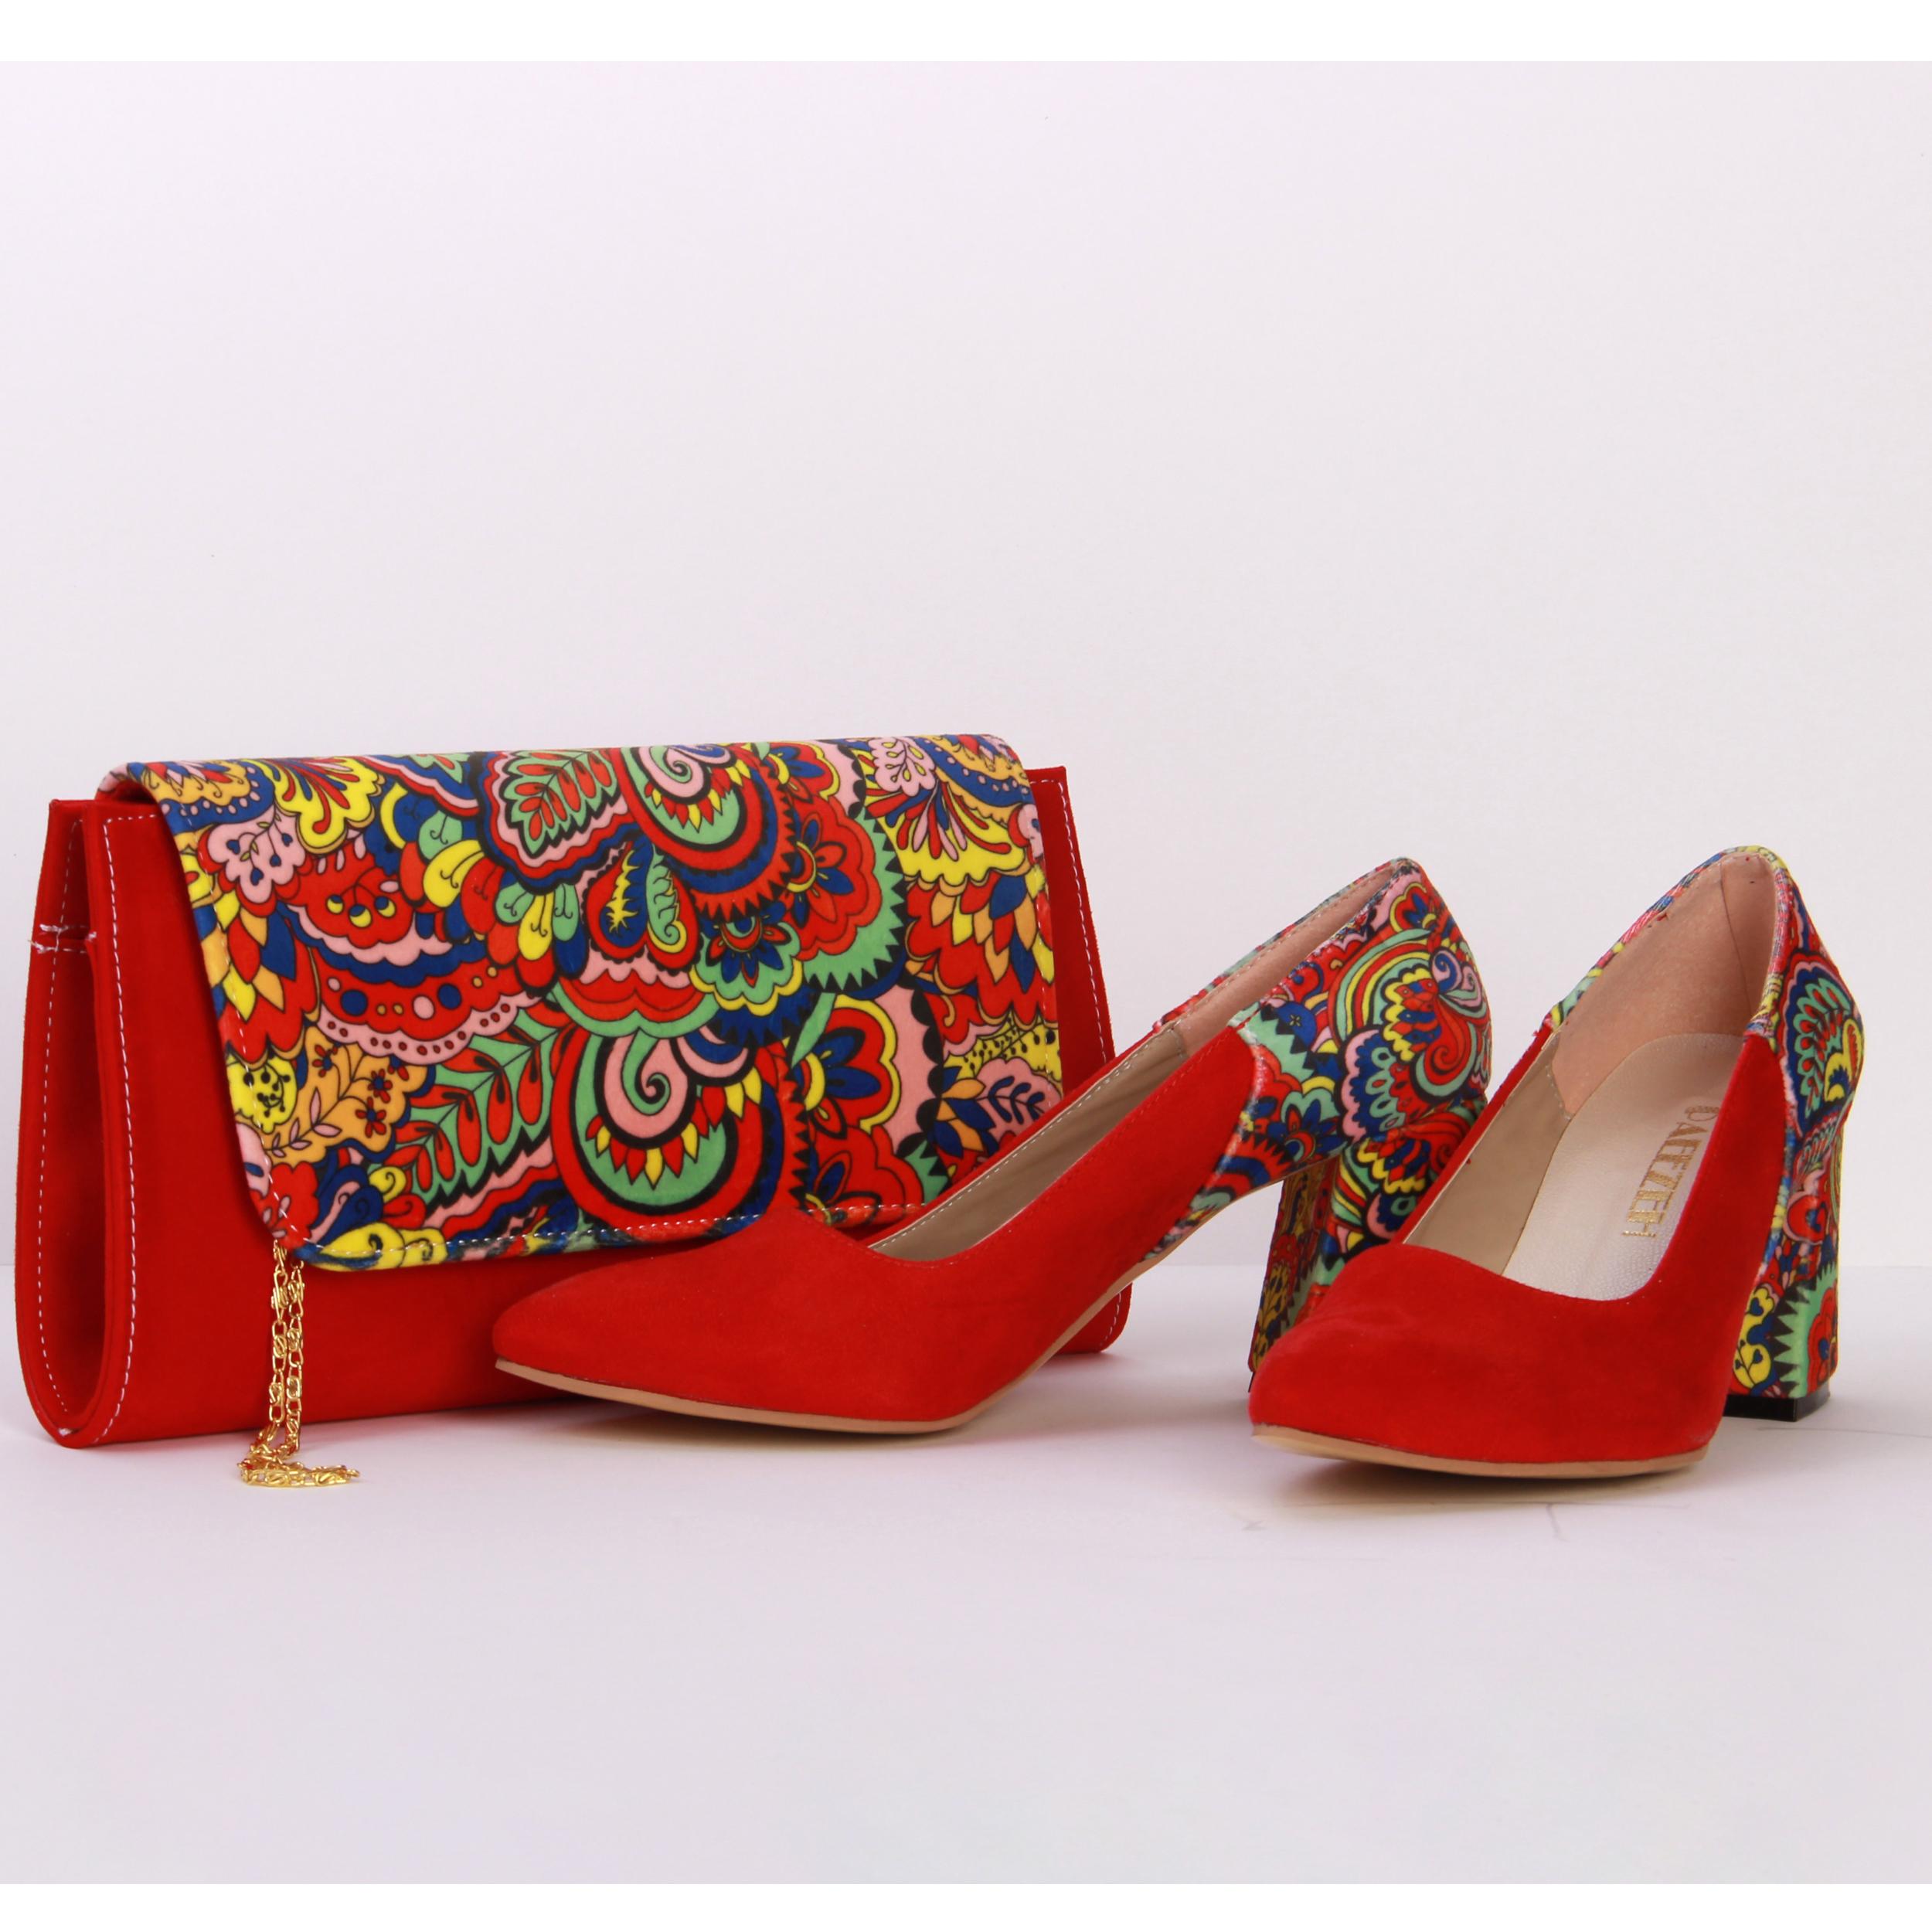 ست کیف و کفش زنانه کد 210 main 1 1